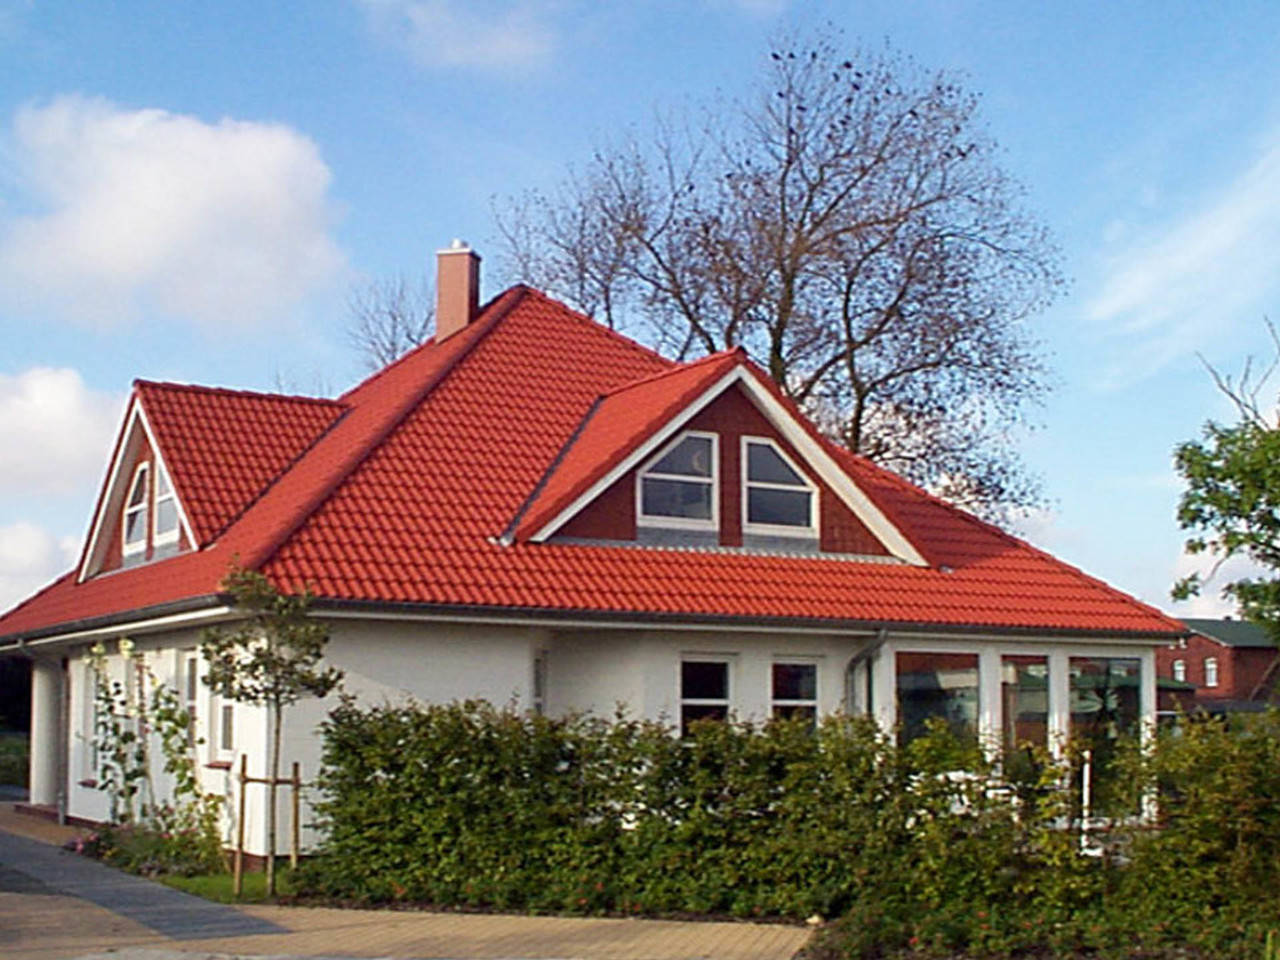 Zeltdach Haus Baerwolf Bauregie